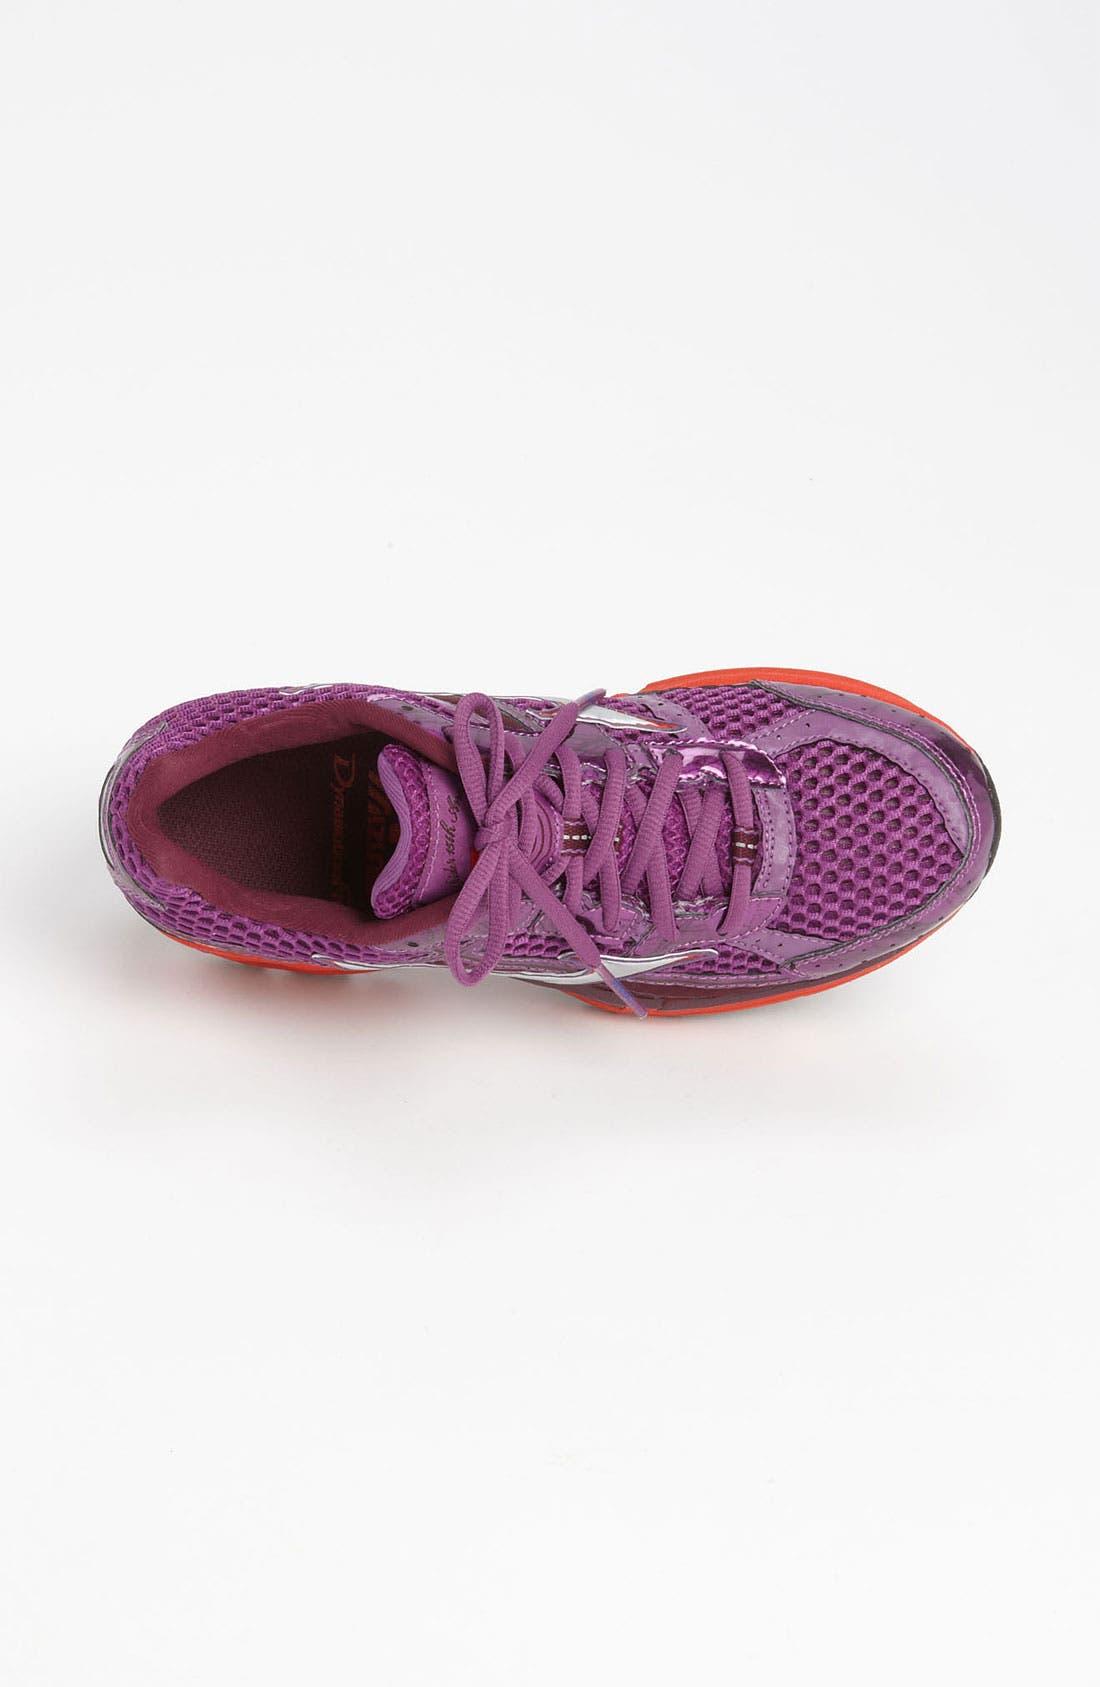 Alternate Image 3  - Mizuno 'Wave Rider 15' Running Shoe (Women) (Regular Retail Price: $144.95)